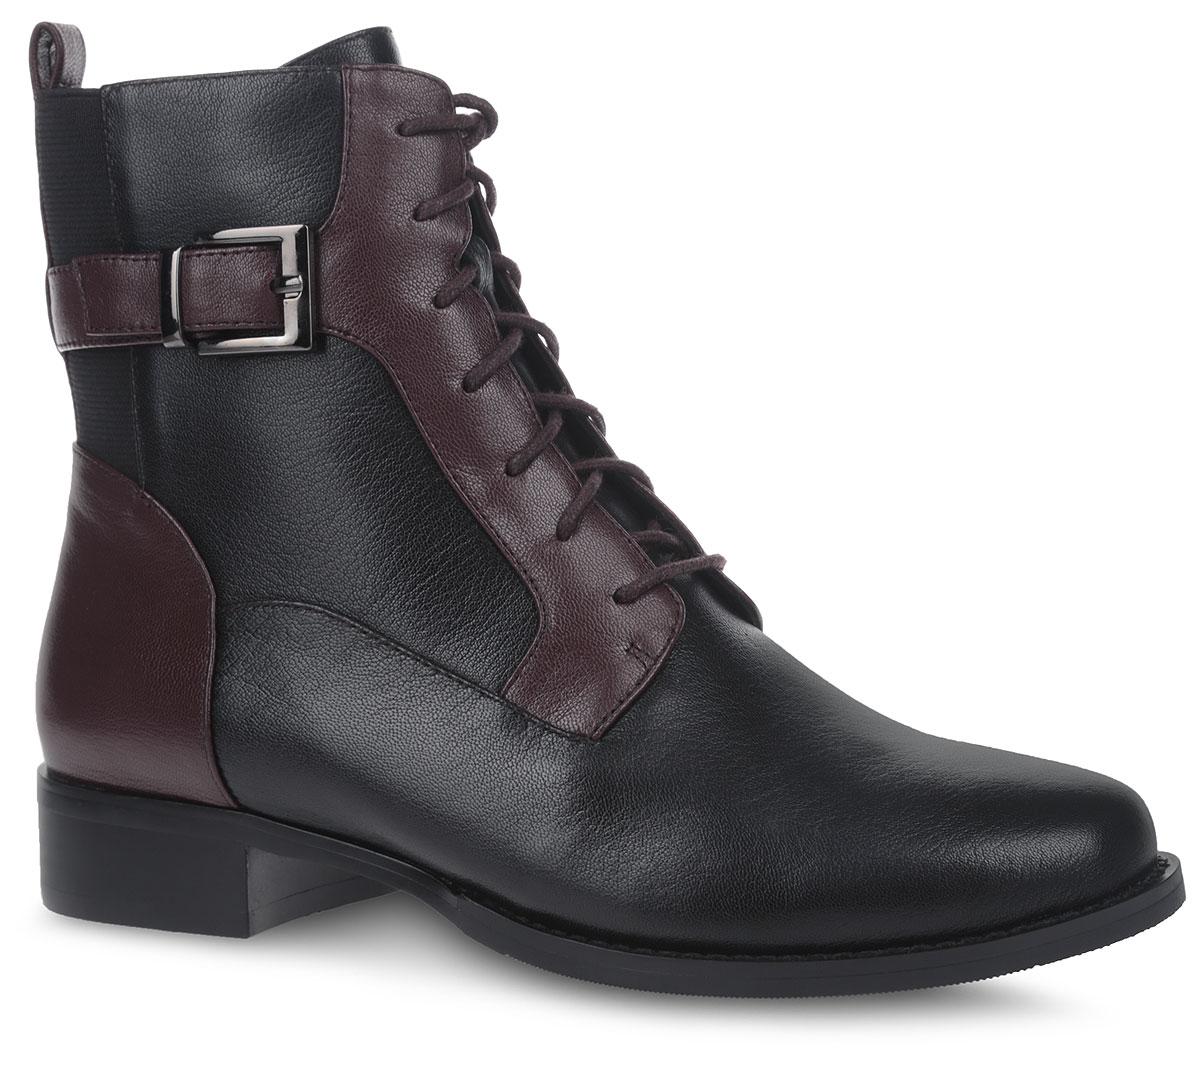 Ботинки женские. 11210-8-A1006J11210-8-A1006JСтильные ботинки от Sinta Gamma не оставят вас равнодушной благодаря своему дизайну и качеству. Модель изготовлена из натуральной кожи комбинированных цветов и оформлена декоративным ремешком с пряжкой. На ноге модель фиксируется с помощью удобной боковой молнии и классической шнуровки. Объем голенища регулируется с помощью эластичной резинки. Язычок на заднике облегчит надевание модели. Внутренняя поверхность и стелька выполнены из байки и оформлены фирменным принтом. Подошва изготовлена из легкой и прочной резины. Такие Модные и удобные ботинки займут достойное место в вашем гардеробе.